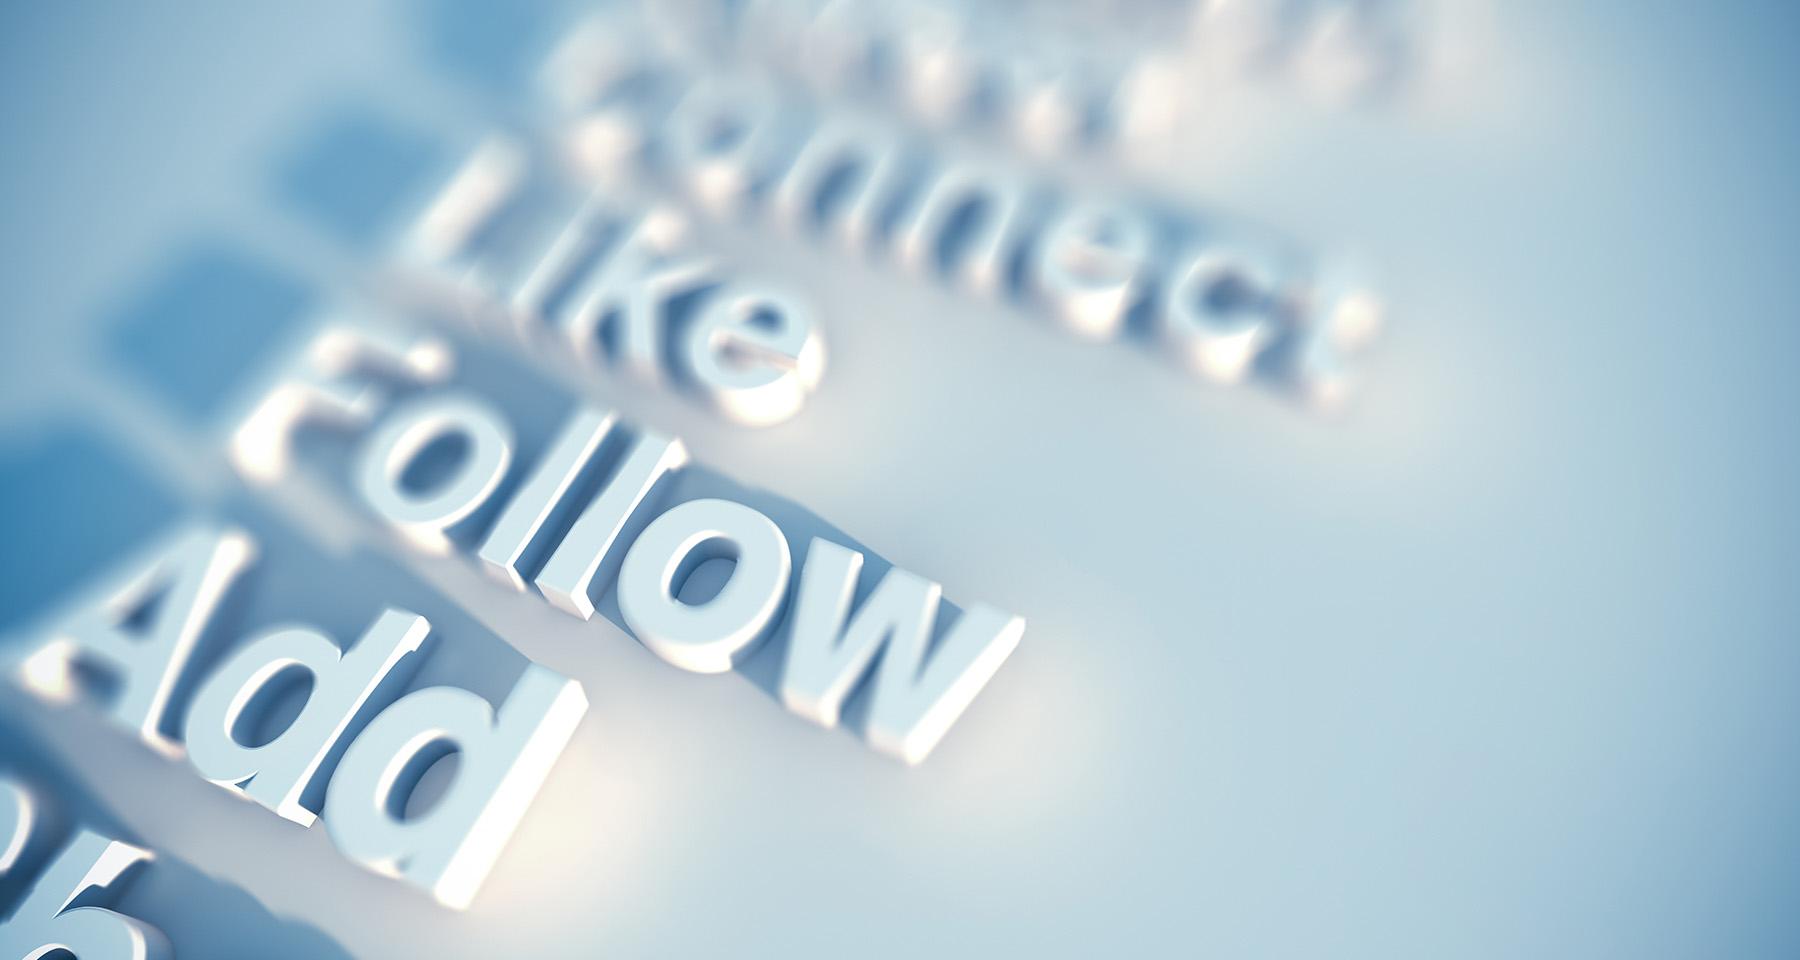 social_media-1800.jpg